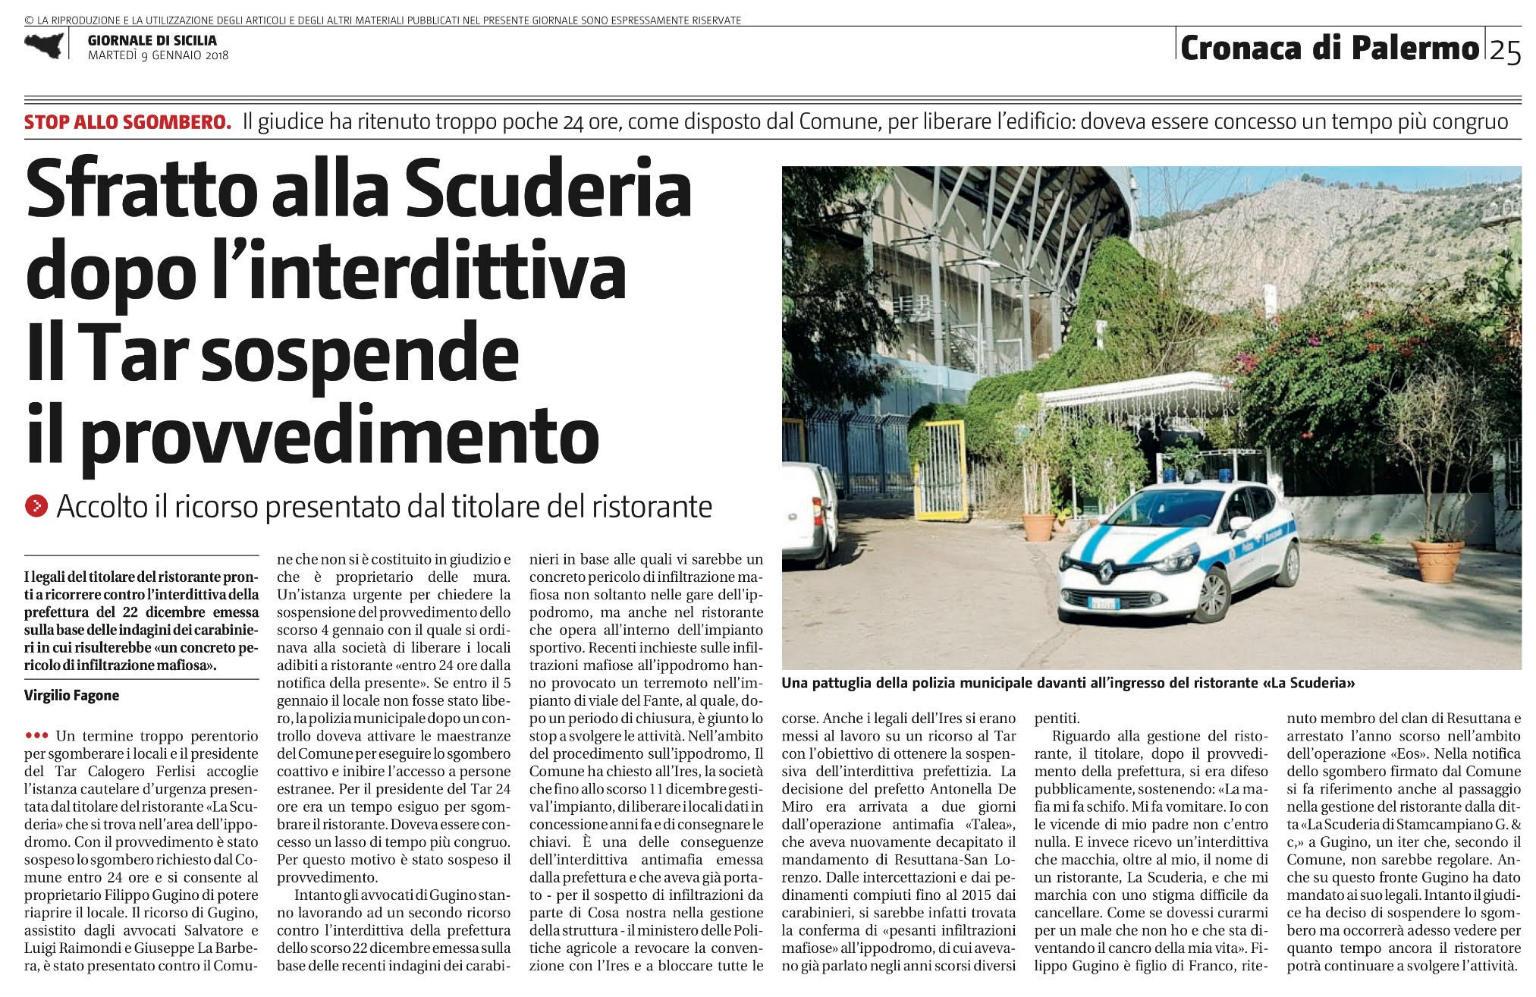 La Scuderia articolo Giornale di Sicilia2